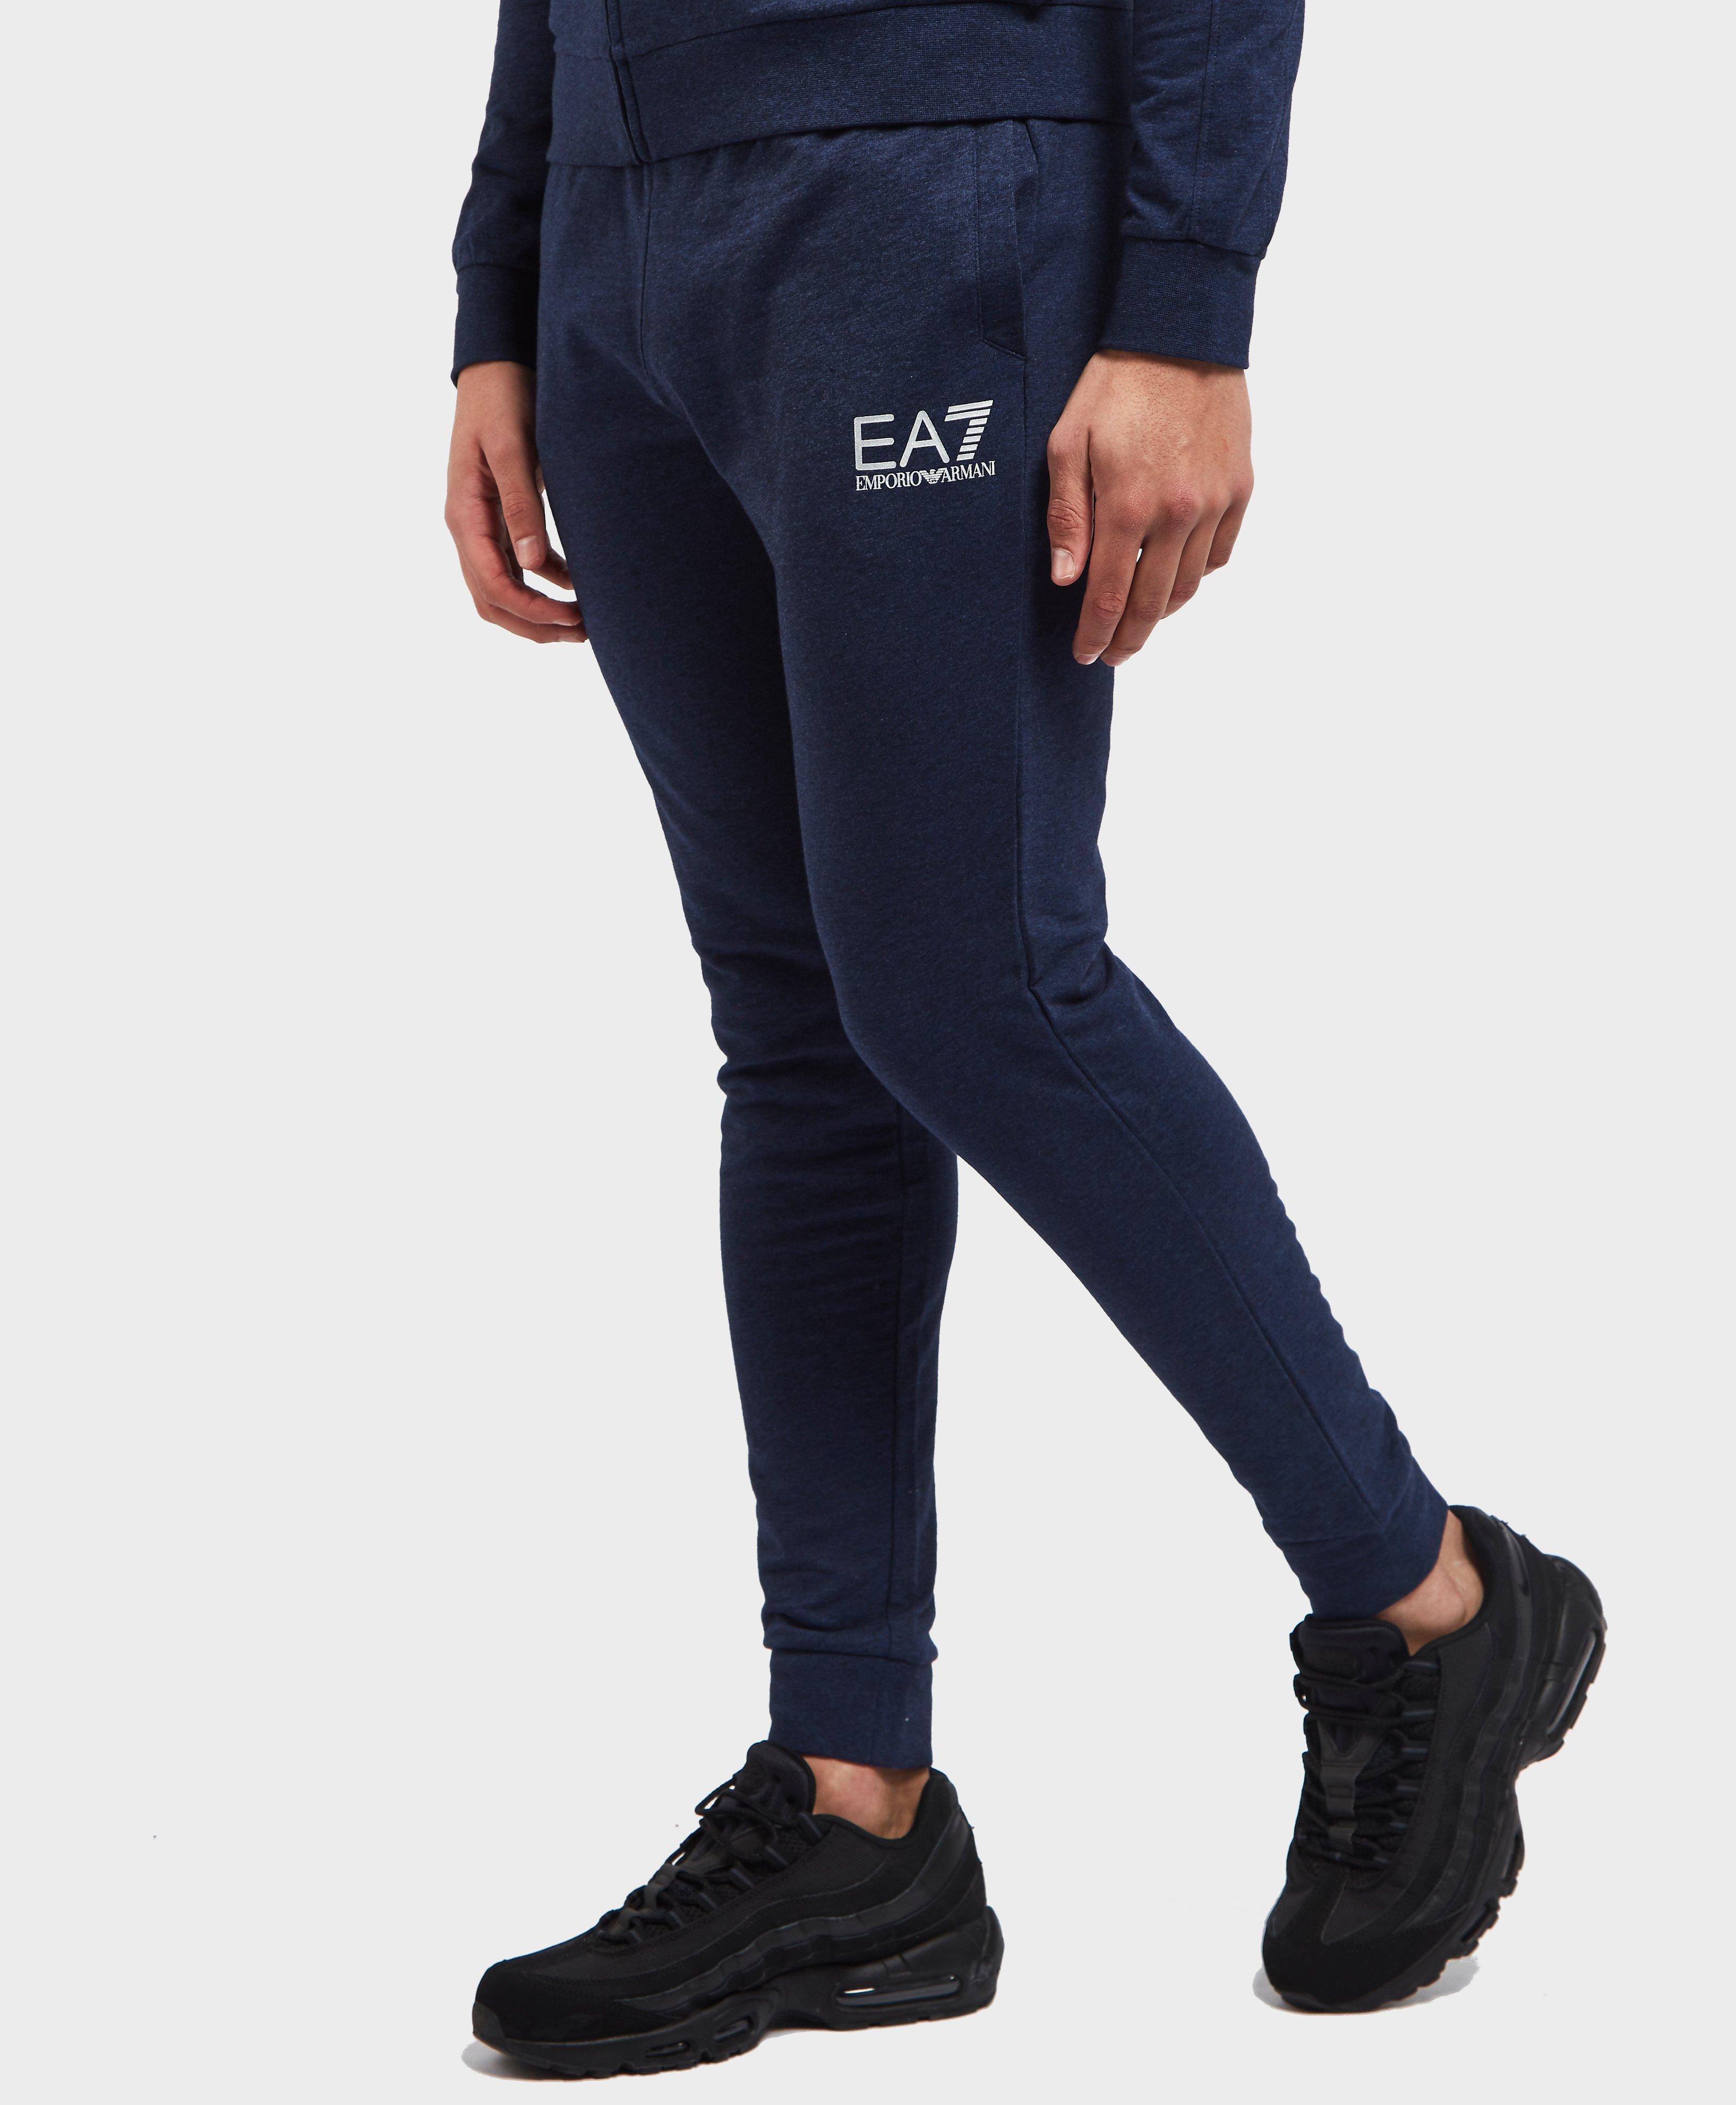 9a597286270e Lyst - Ea7 Core Cuffed Fleece Pants in Blue for Men